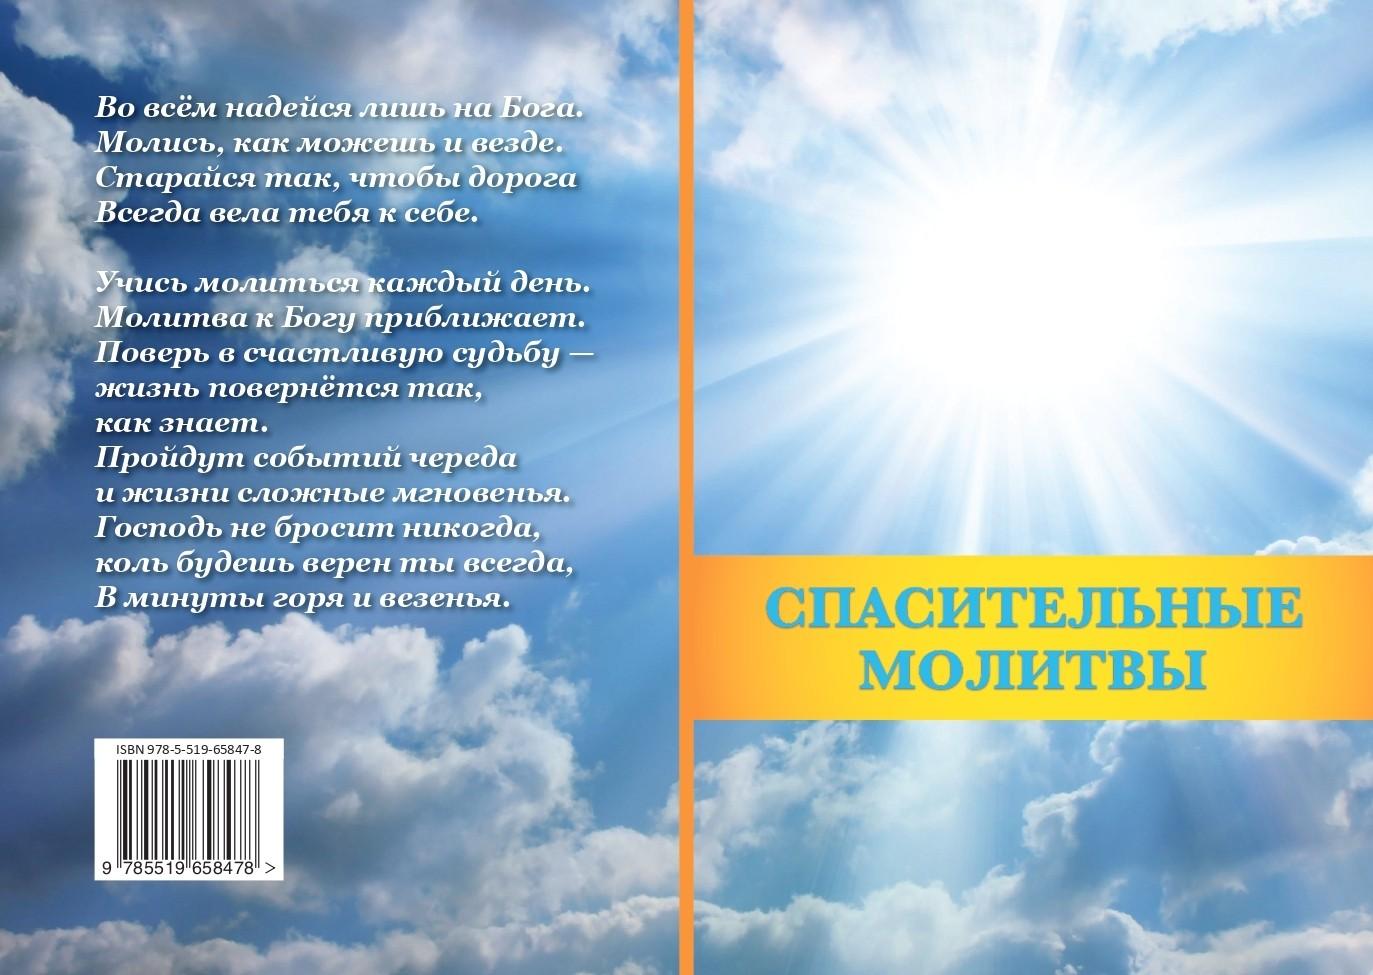 путь-сердца-13: Молитвы сб2 Обложка_page-0001